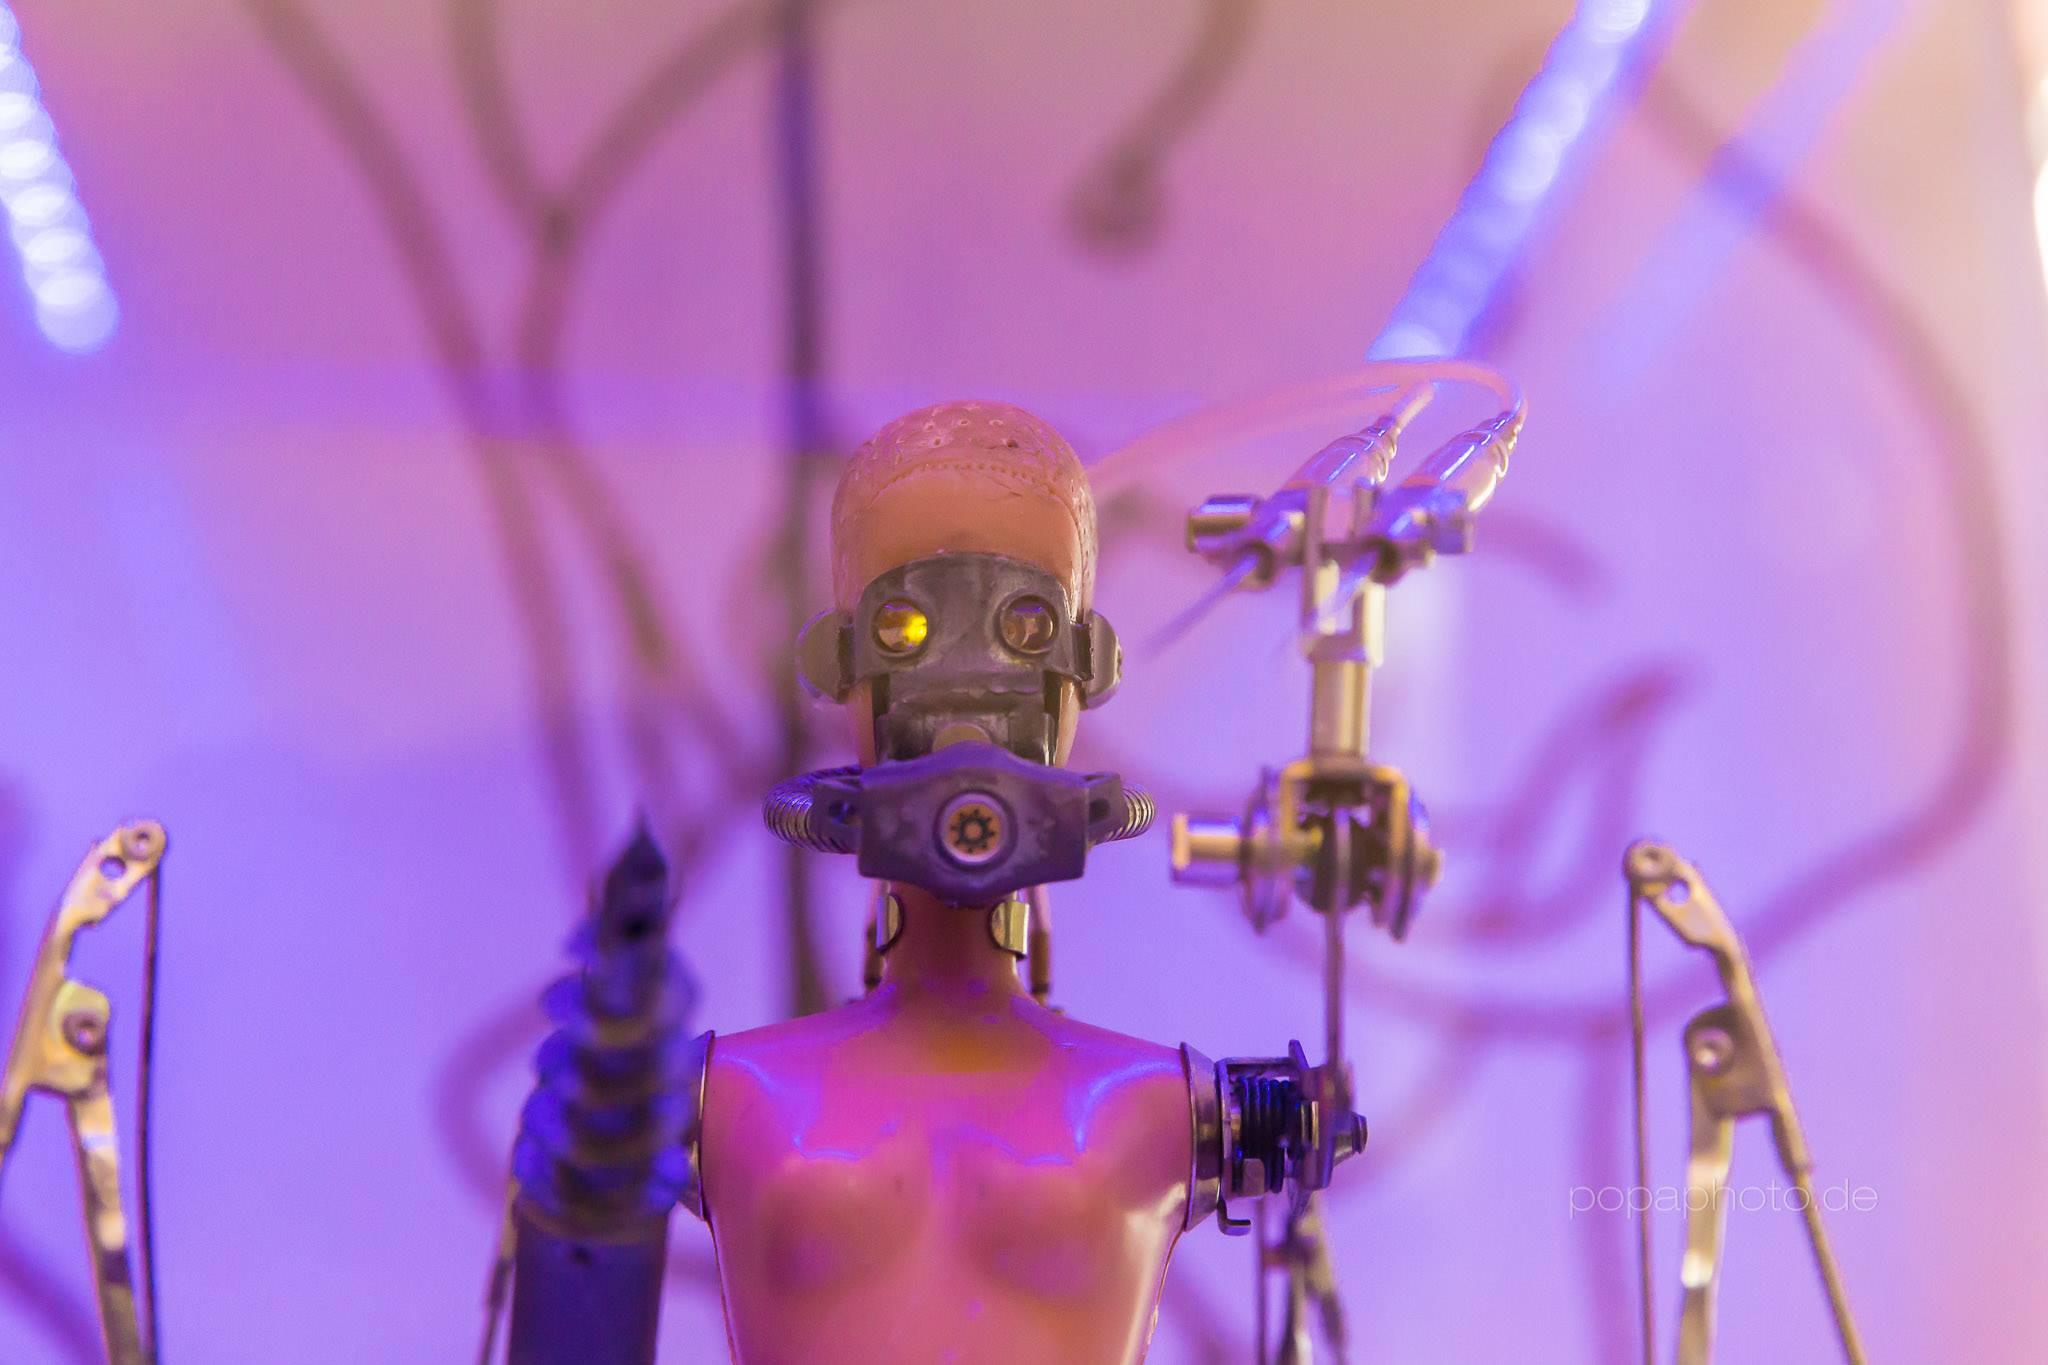 """Andreas Weingärtner """"Vier Welten"""", Peng - Gesellschaft zur Förderung von Design, Kunst und Kommunikation e.V., Serie: """"Reconformed Creatures"""", 2015"""